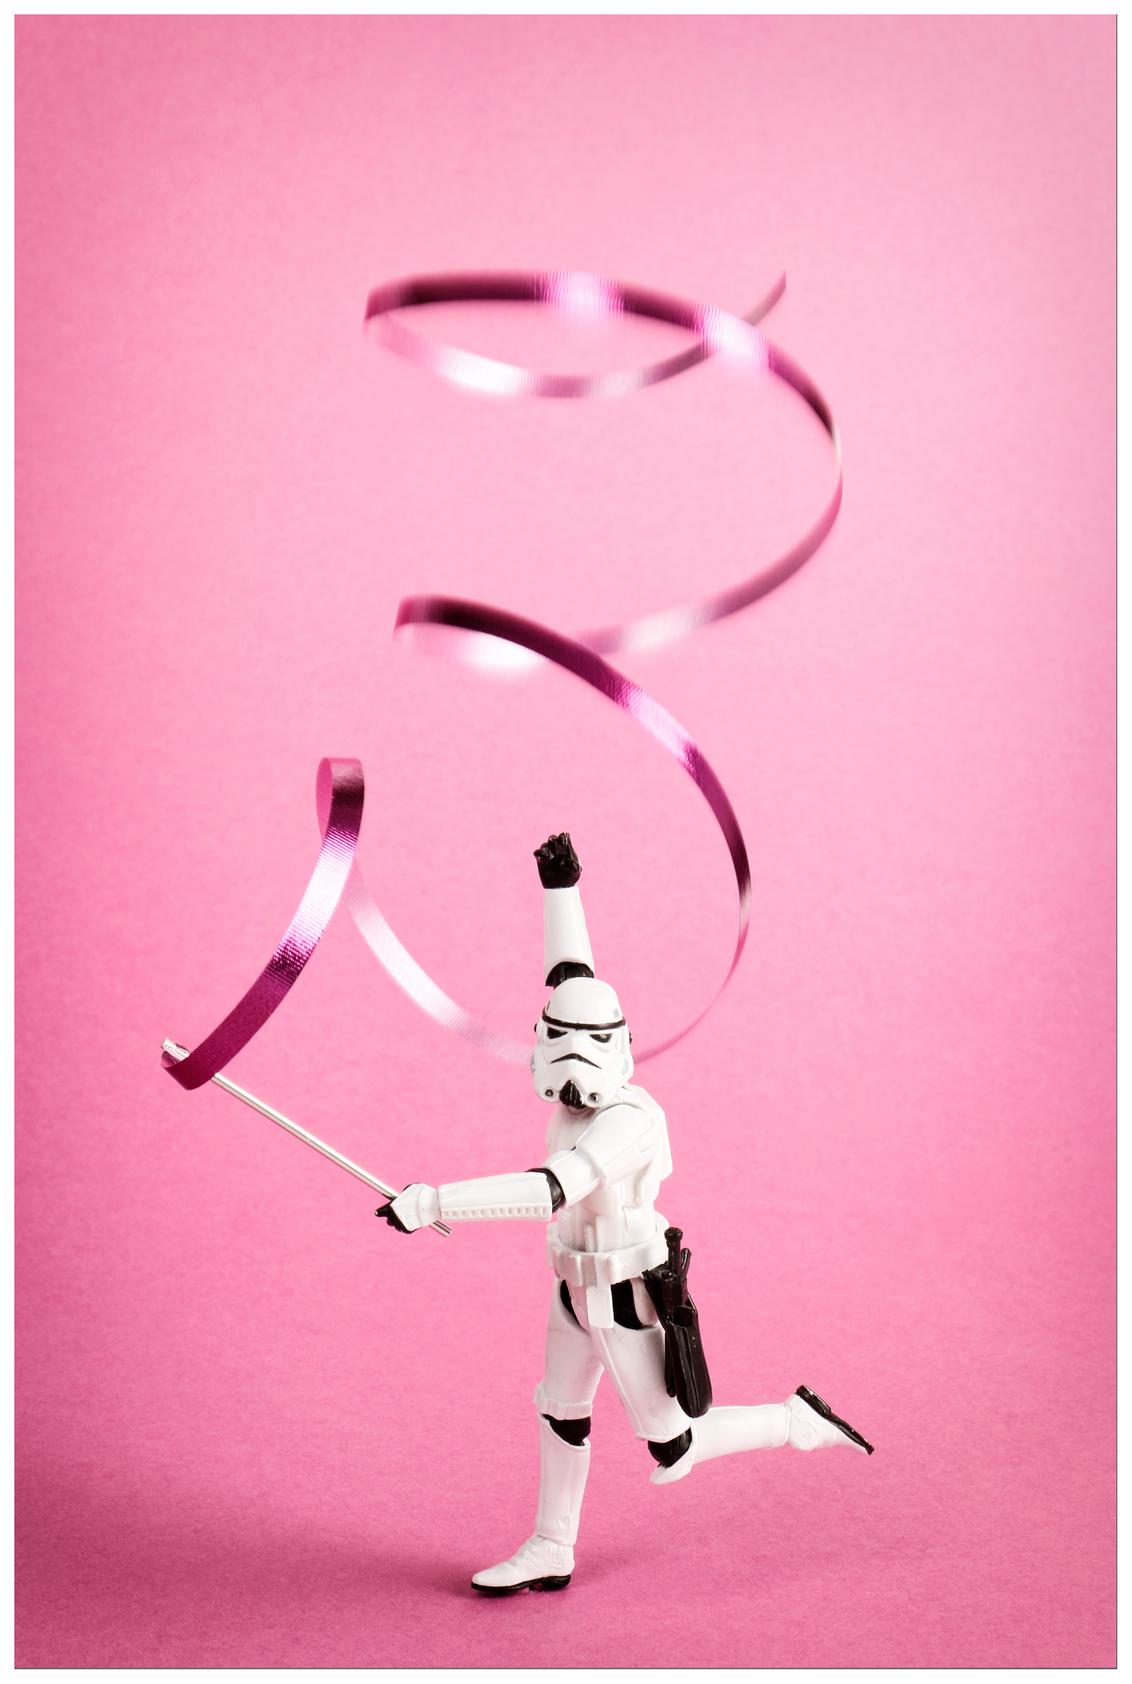 elegance - ... - foto door remkokillaars op 15-01-2016 - deze foto bevat: roze, miniatuur, beweging, gracieus, figuurtje, elegantie, gymnastiek, stormtrooper, schaalmodel, tabletop, ribbon, lint, gymnastics, Star Wars